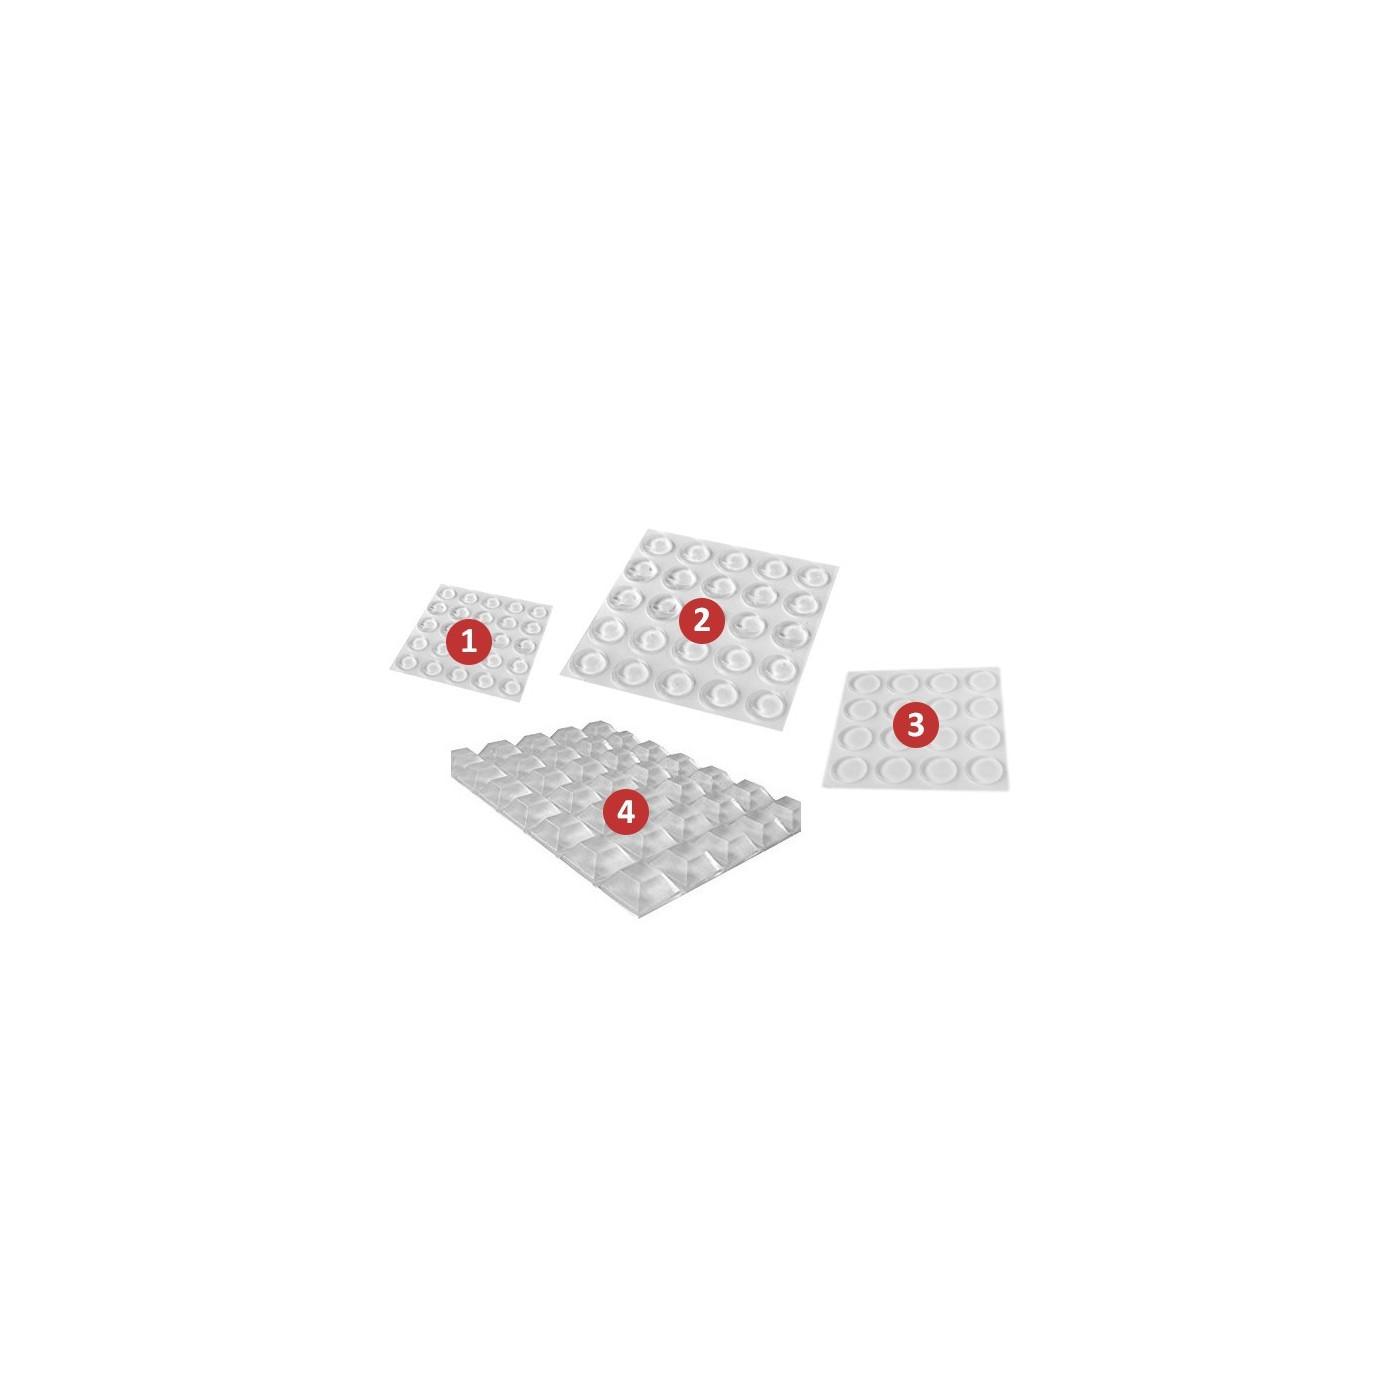 Zestaw 318 samoprzylepnych buforów (opakowanie zbiorcze: 4 typy)  - 1